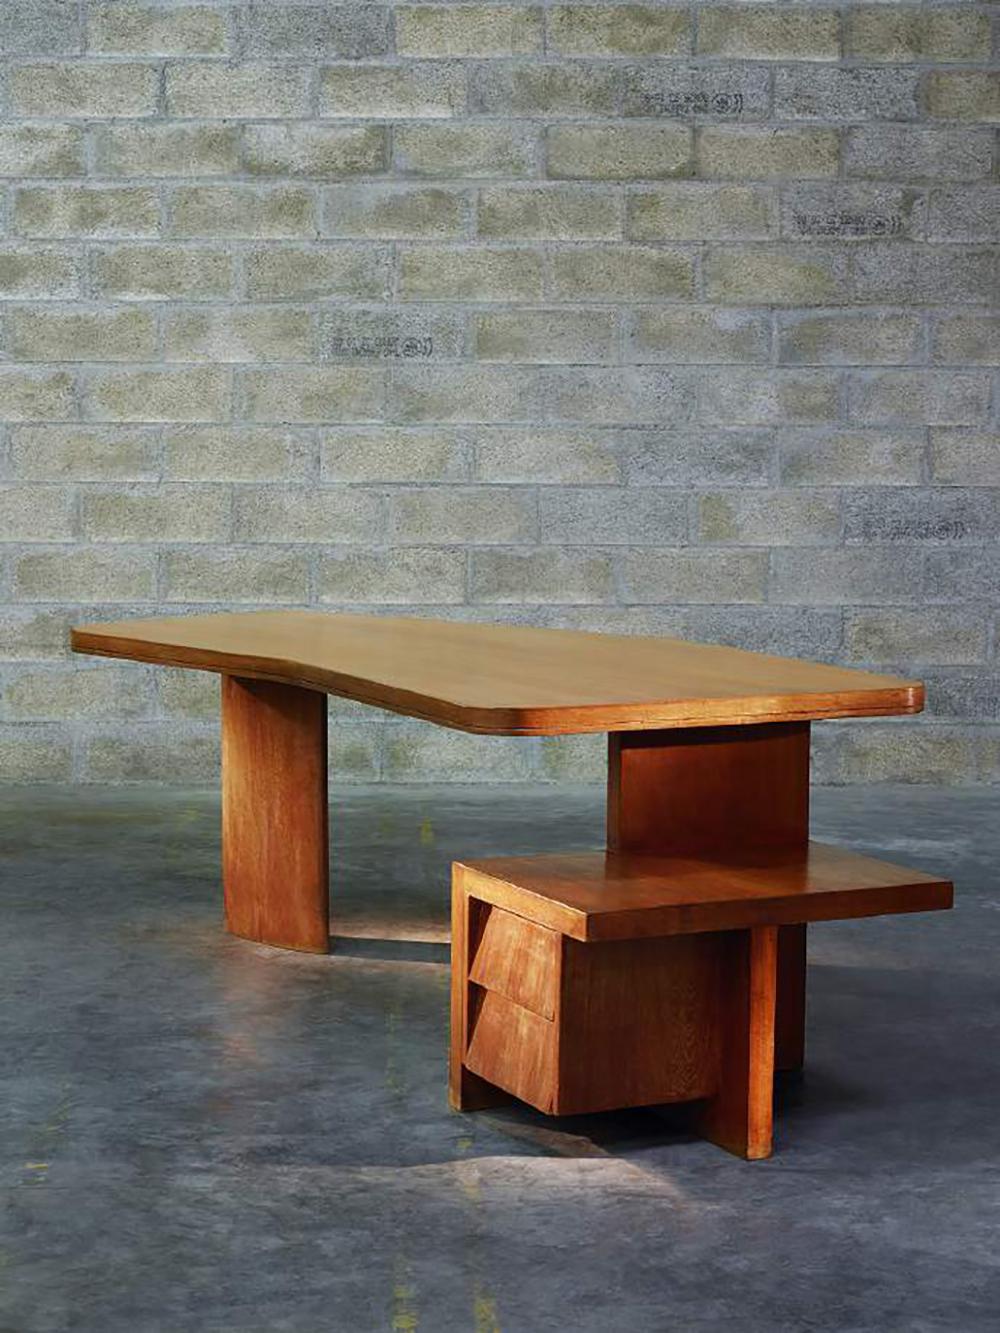 Pierre Jeanneret (1896-1967), Desk, Ca. 1955 Teak / H. 29,9 x L. 94,5 x P. 43,3 in. © Marie Clérin / Laffanour Galerie Downtown, Paris